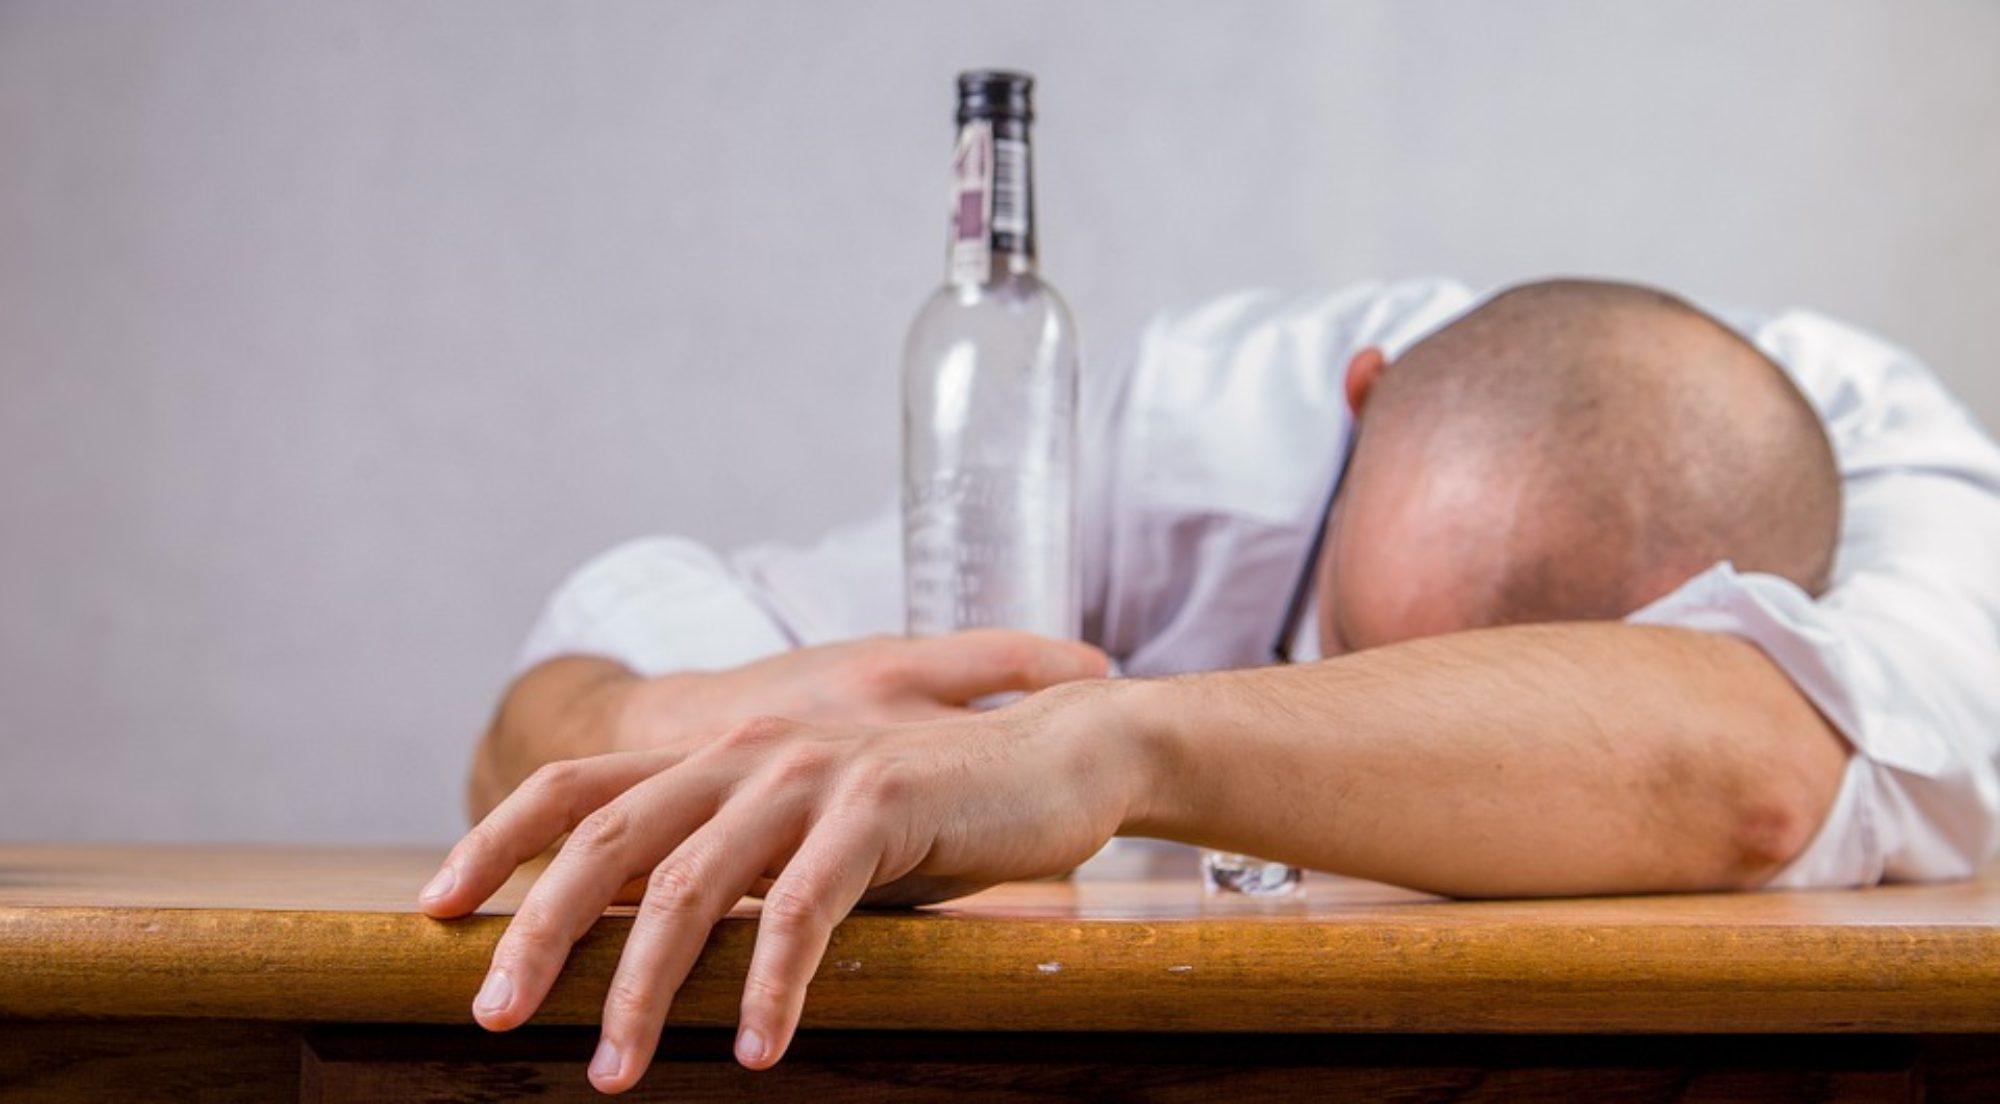 nodrinking.com 'Be Sober' & 'Be Sober'